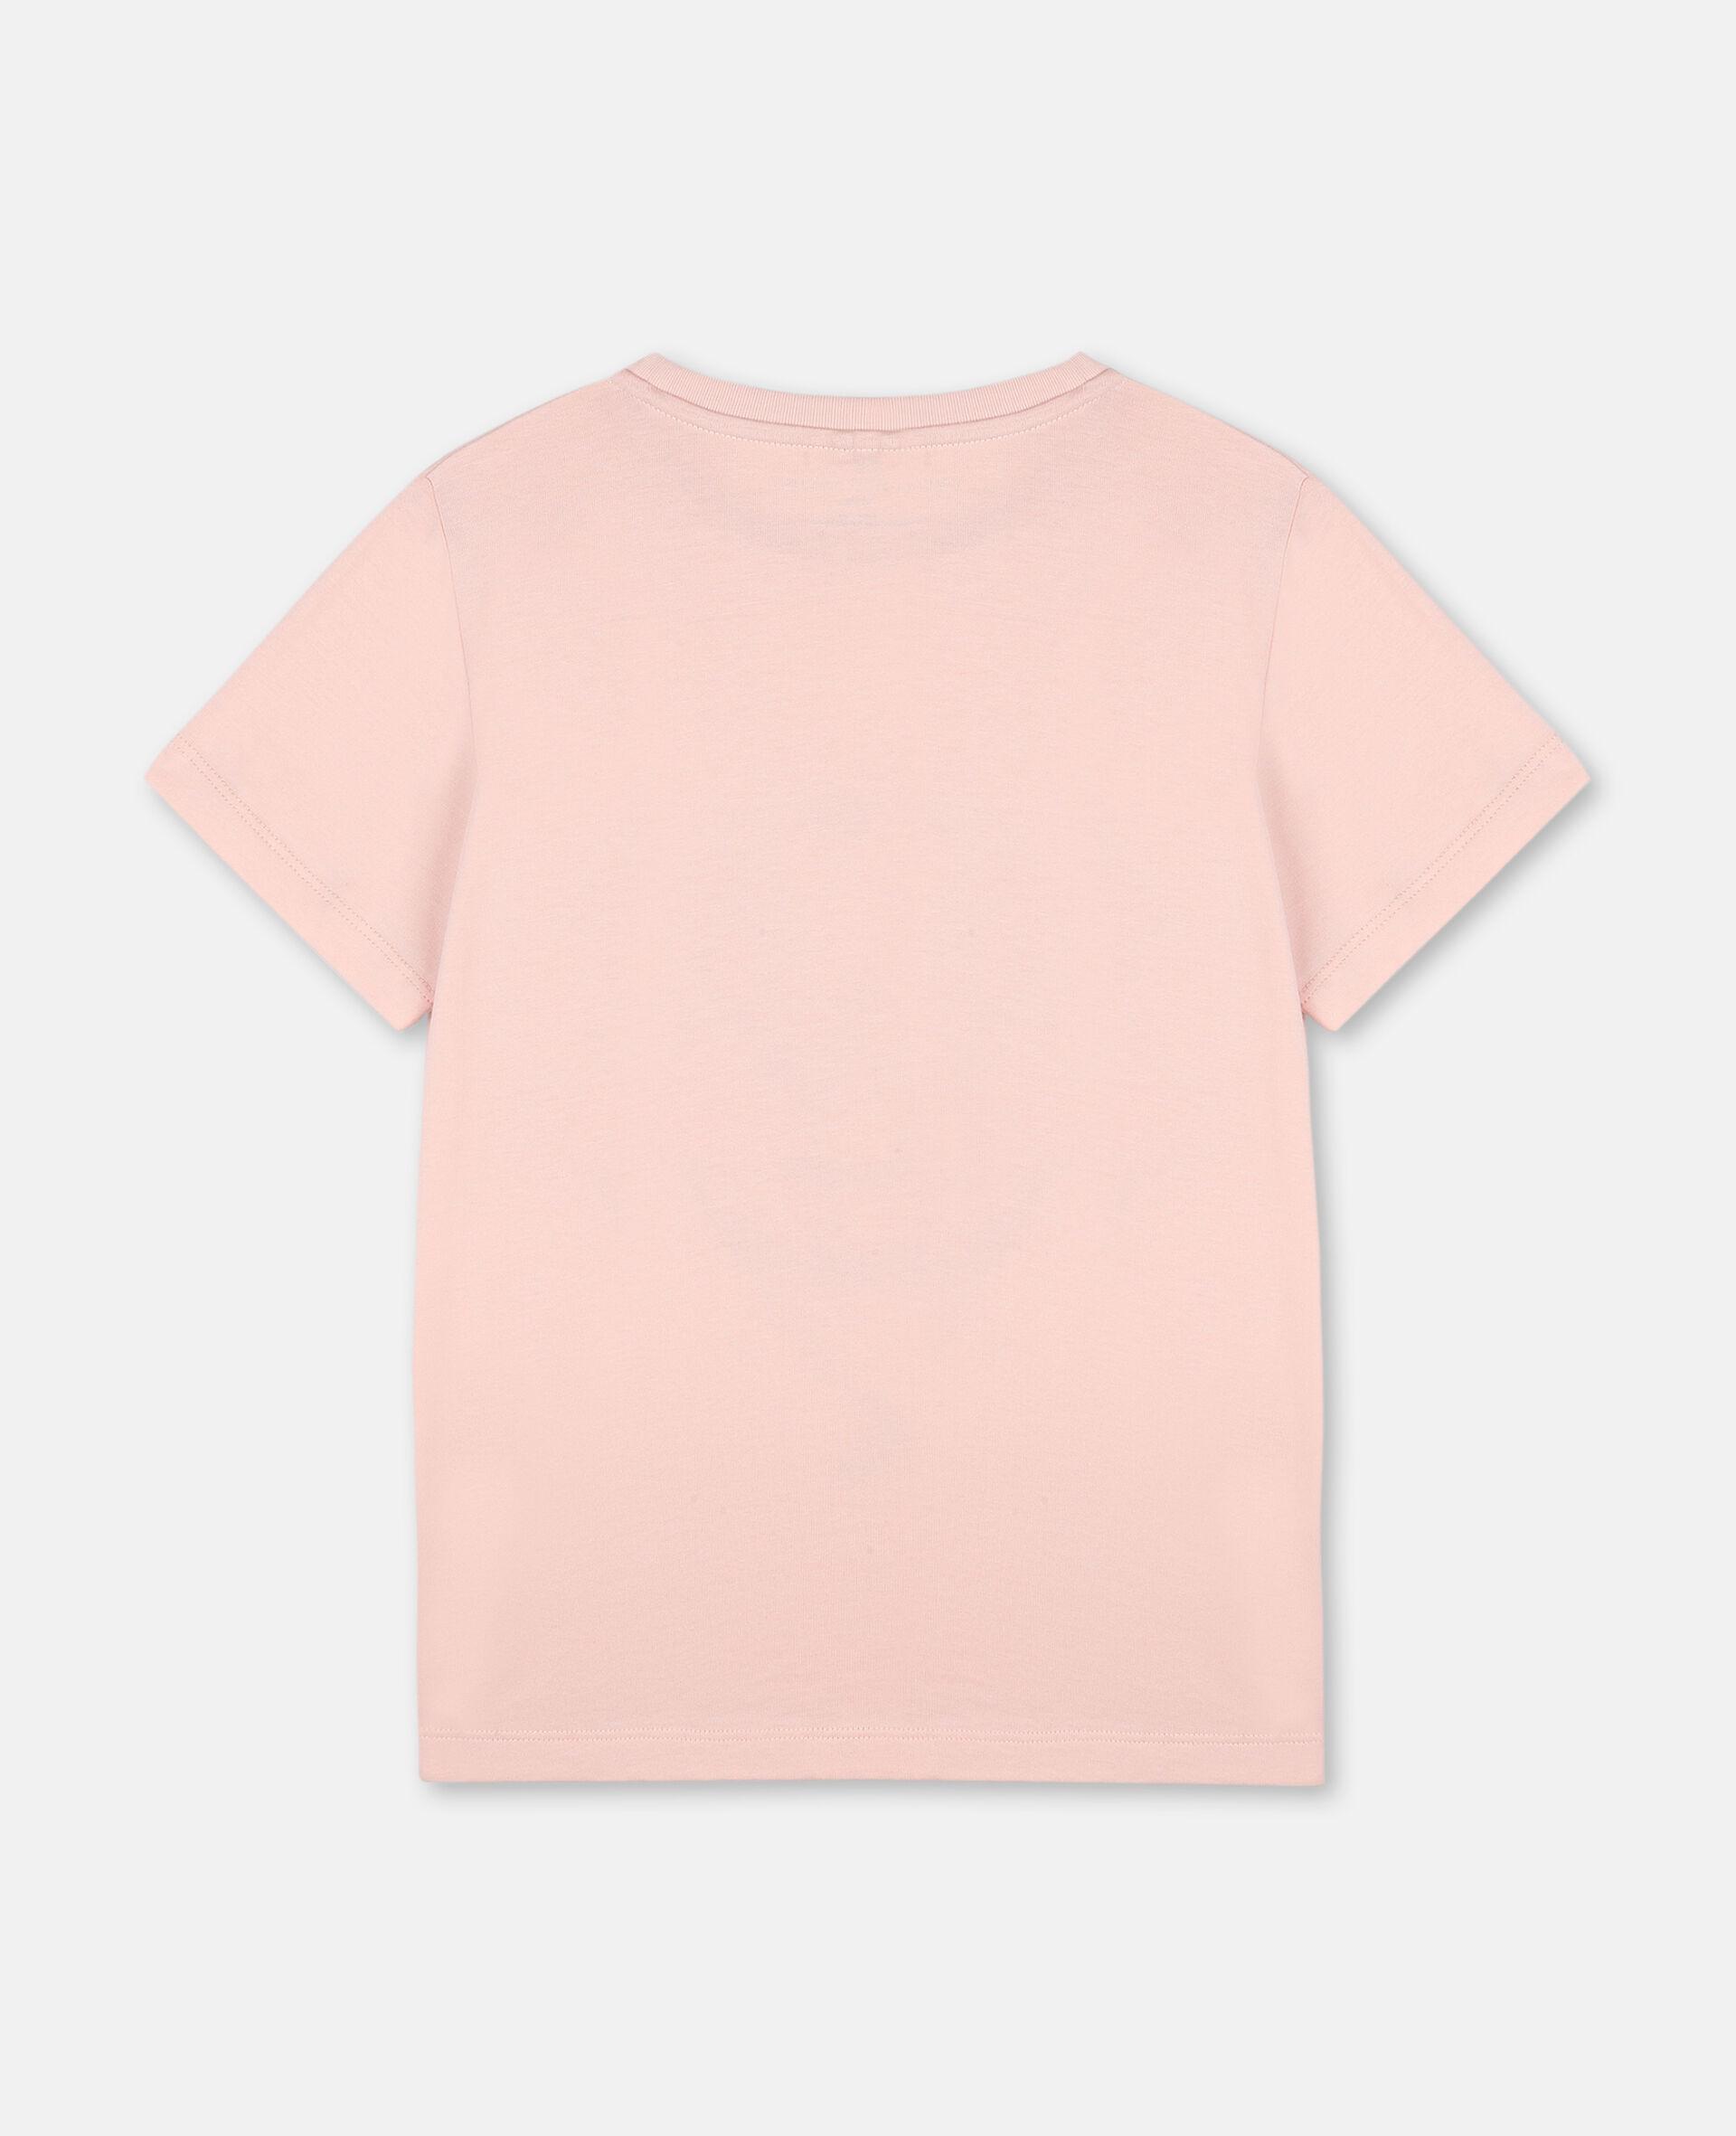 Dancing Flamingo棉质T恤-粉色-large image number 3